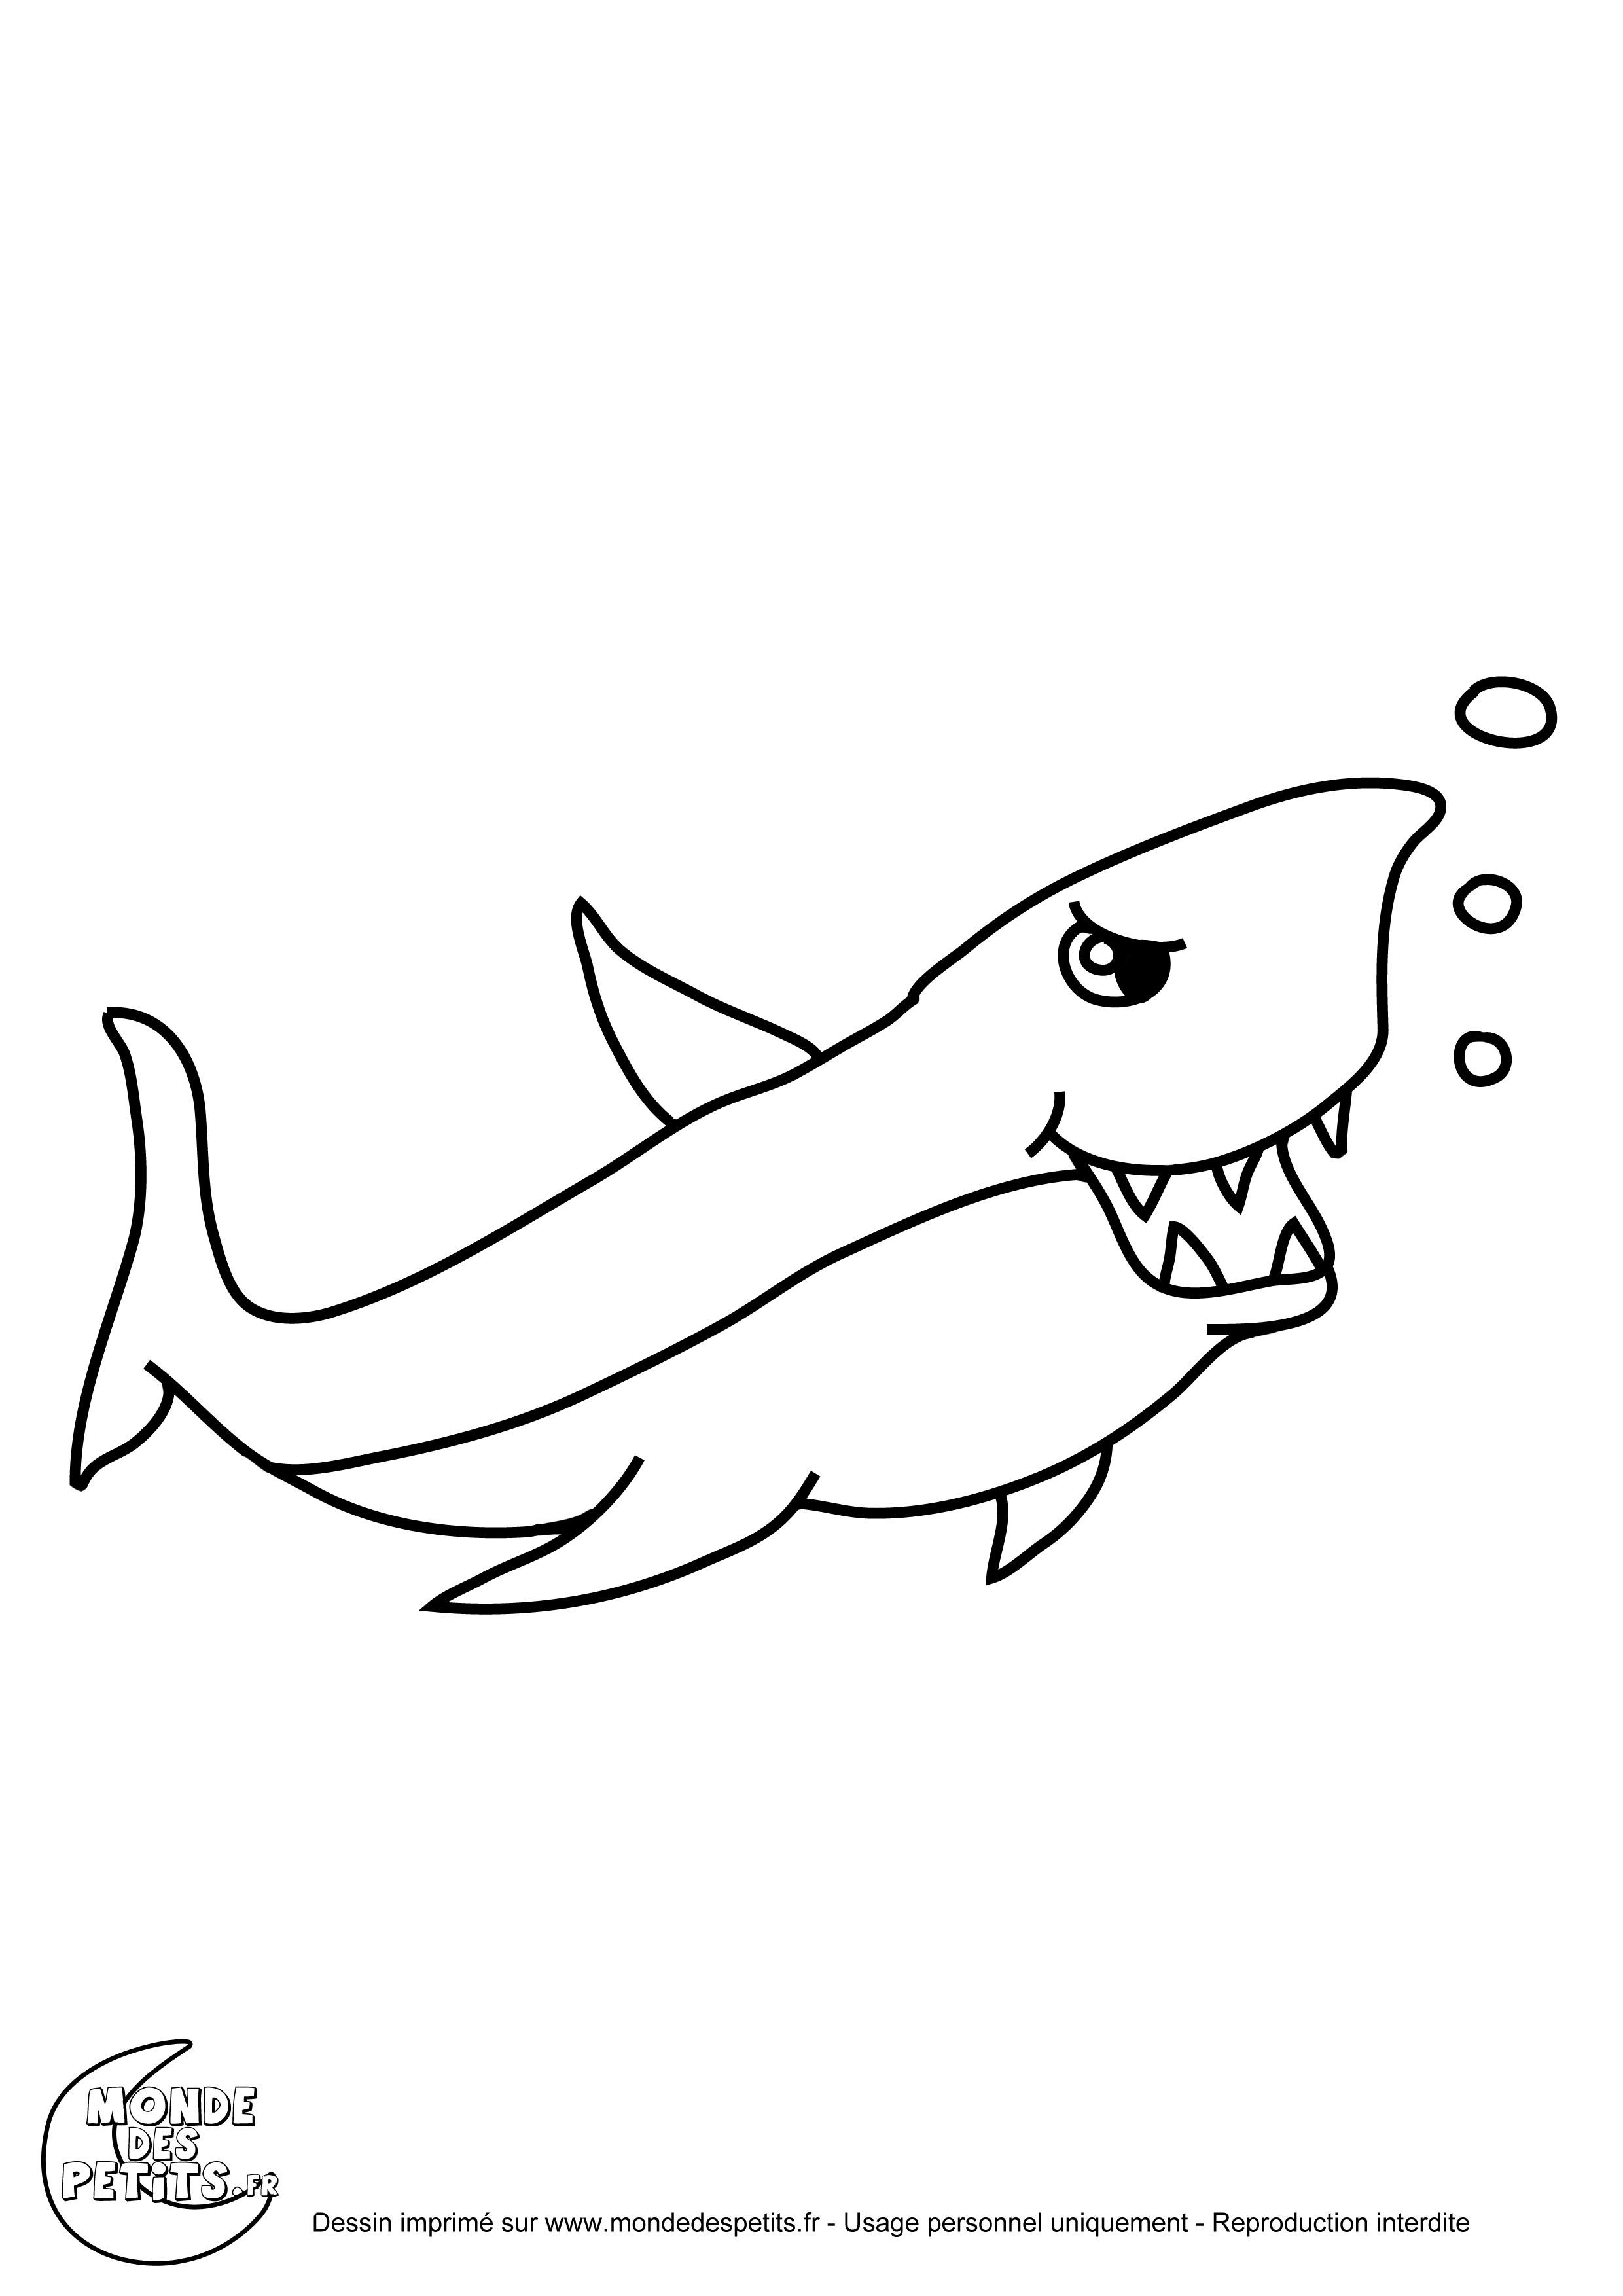 Monde des petits coloriages imprimer - Dessiner un requin blanc ...